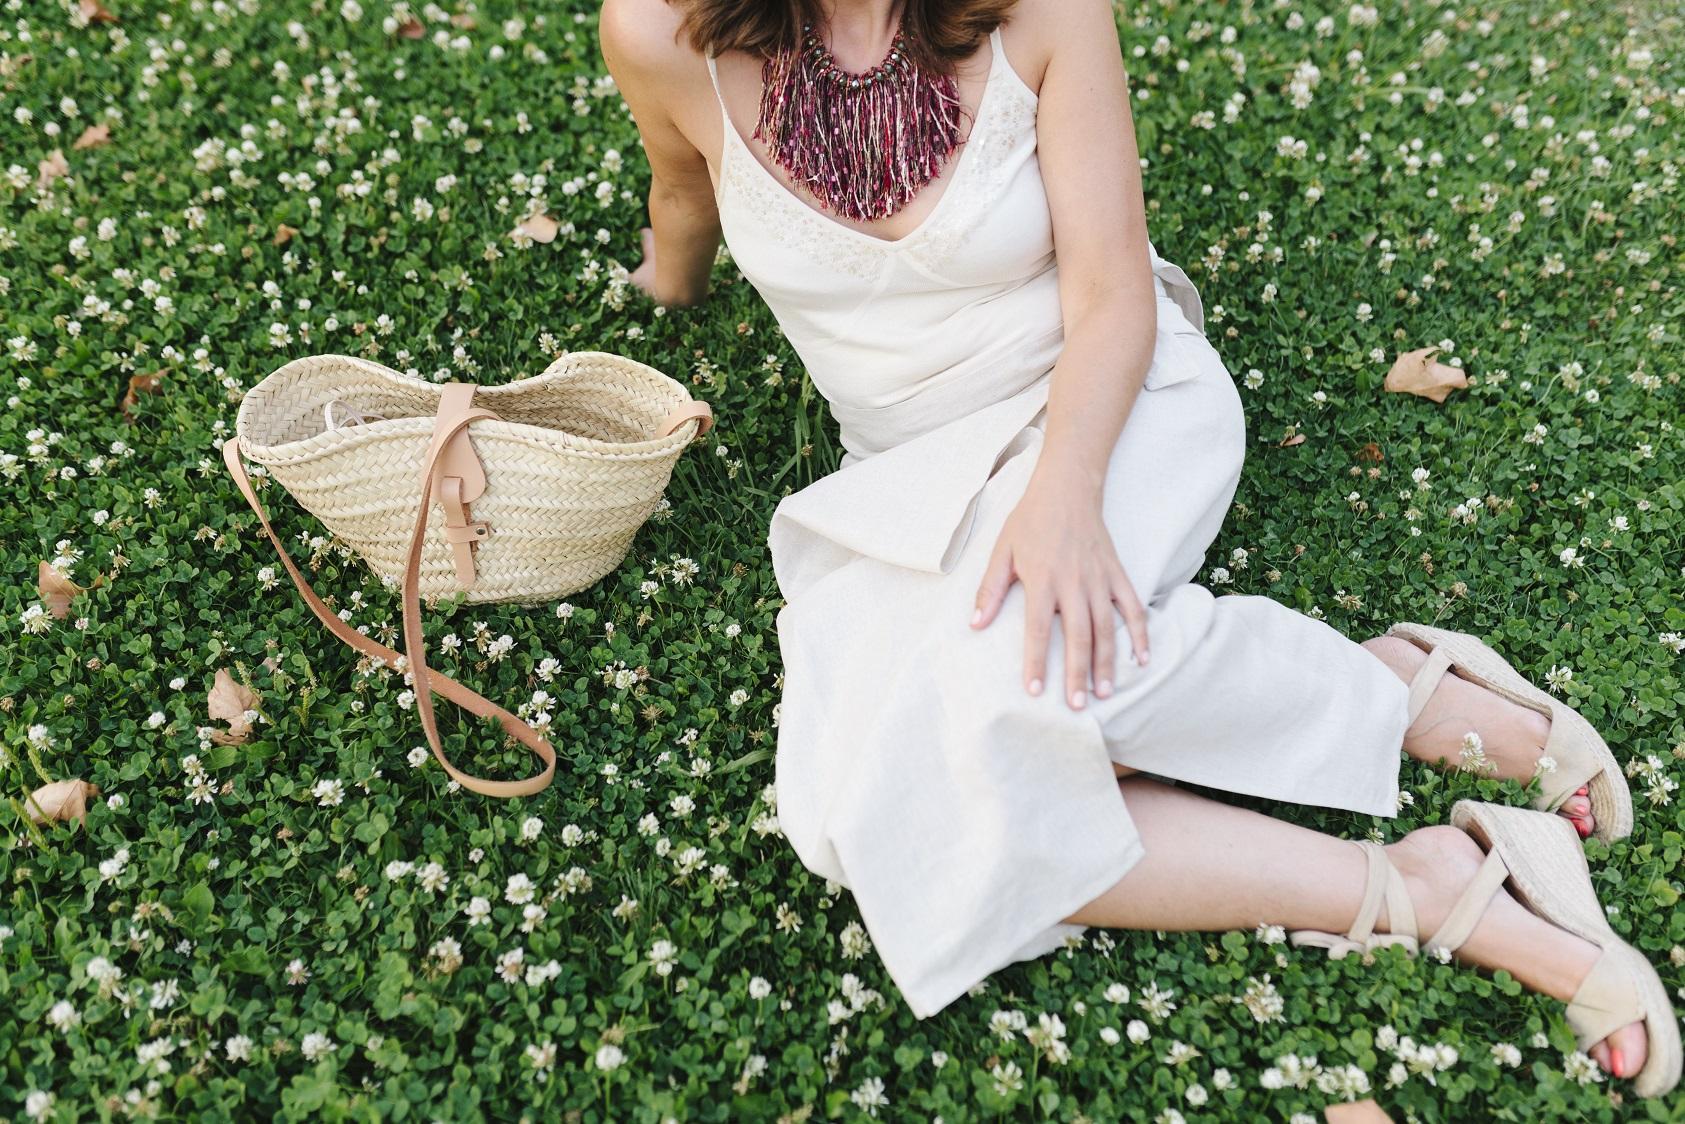 Una falda pareo para un outfit relajado de verano